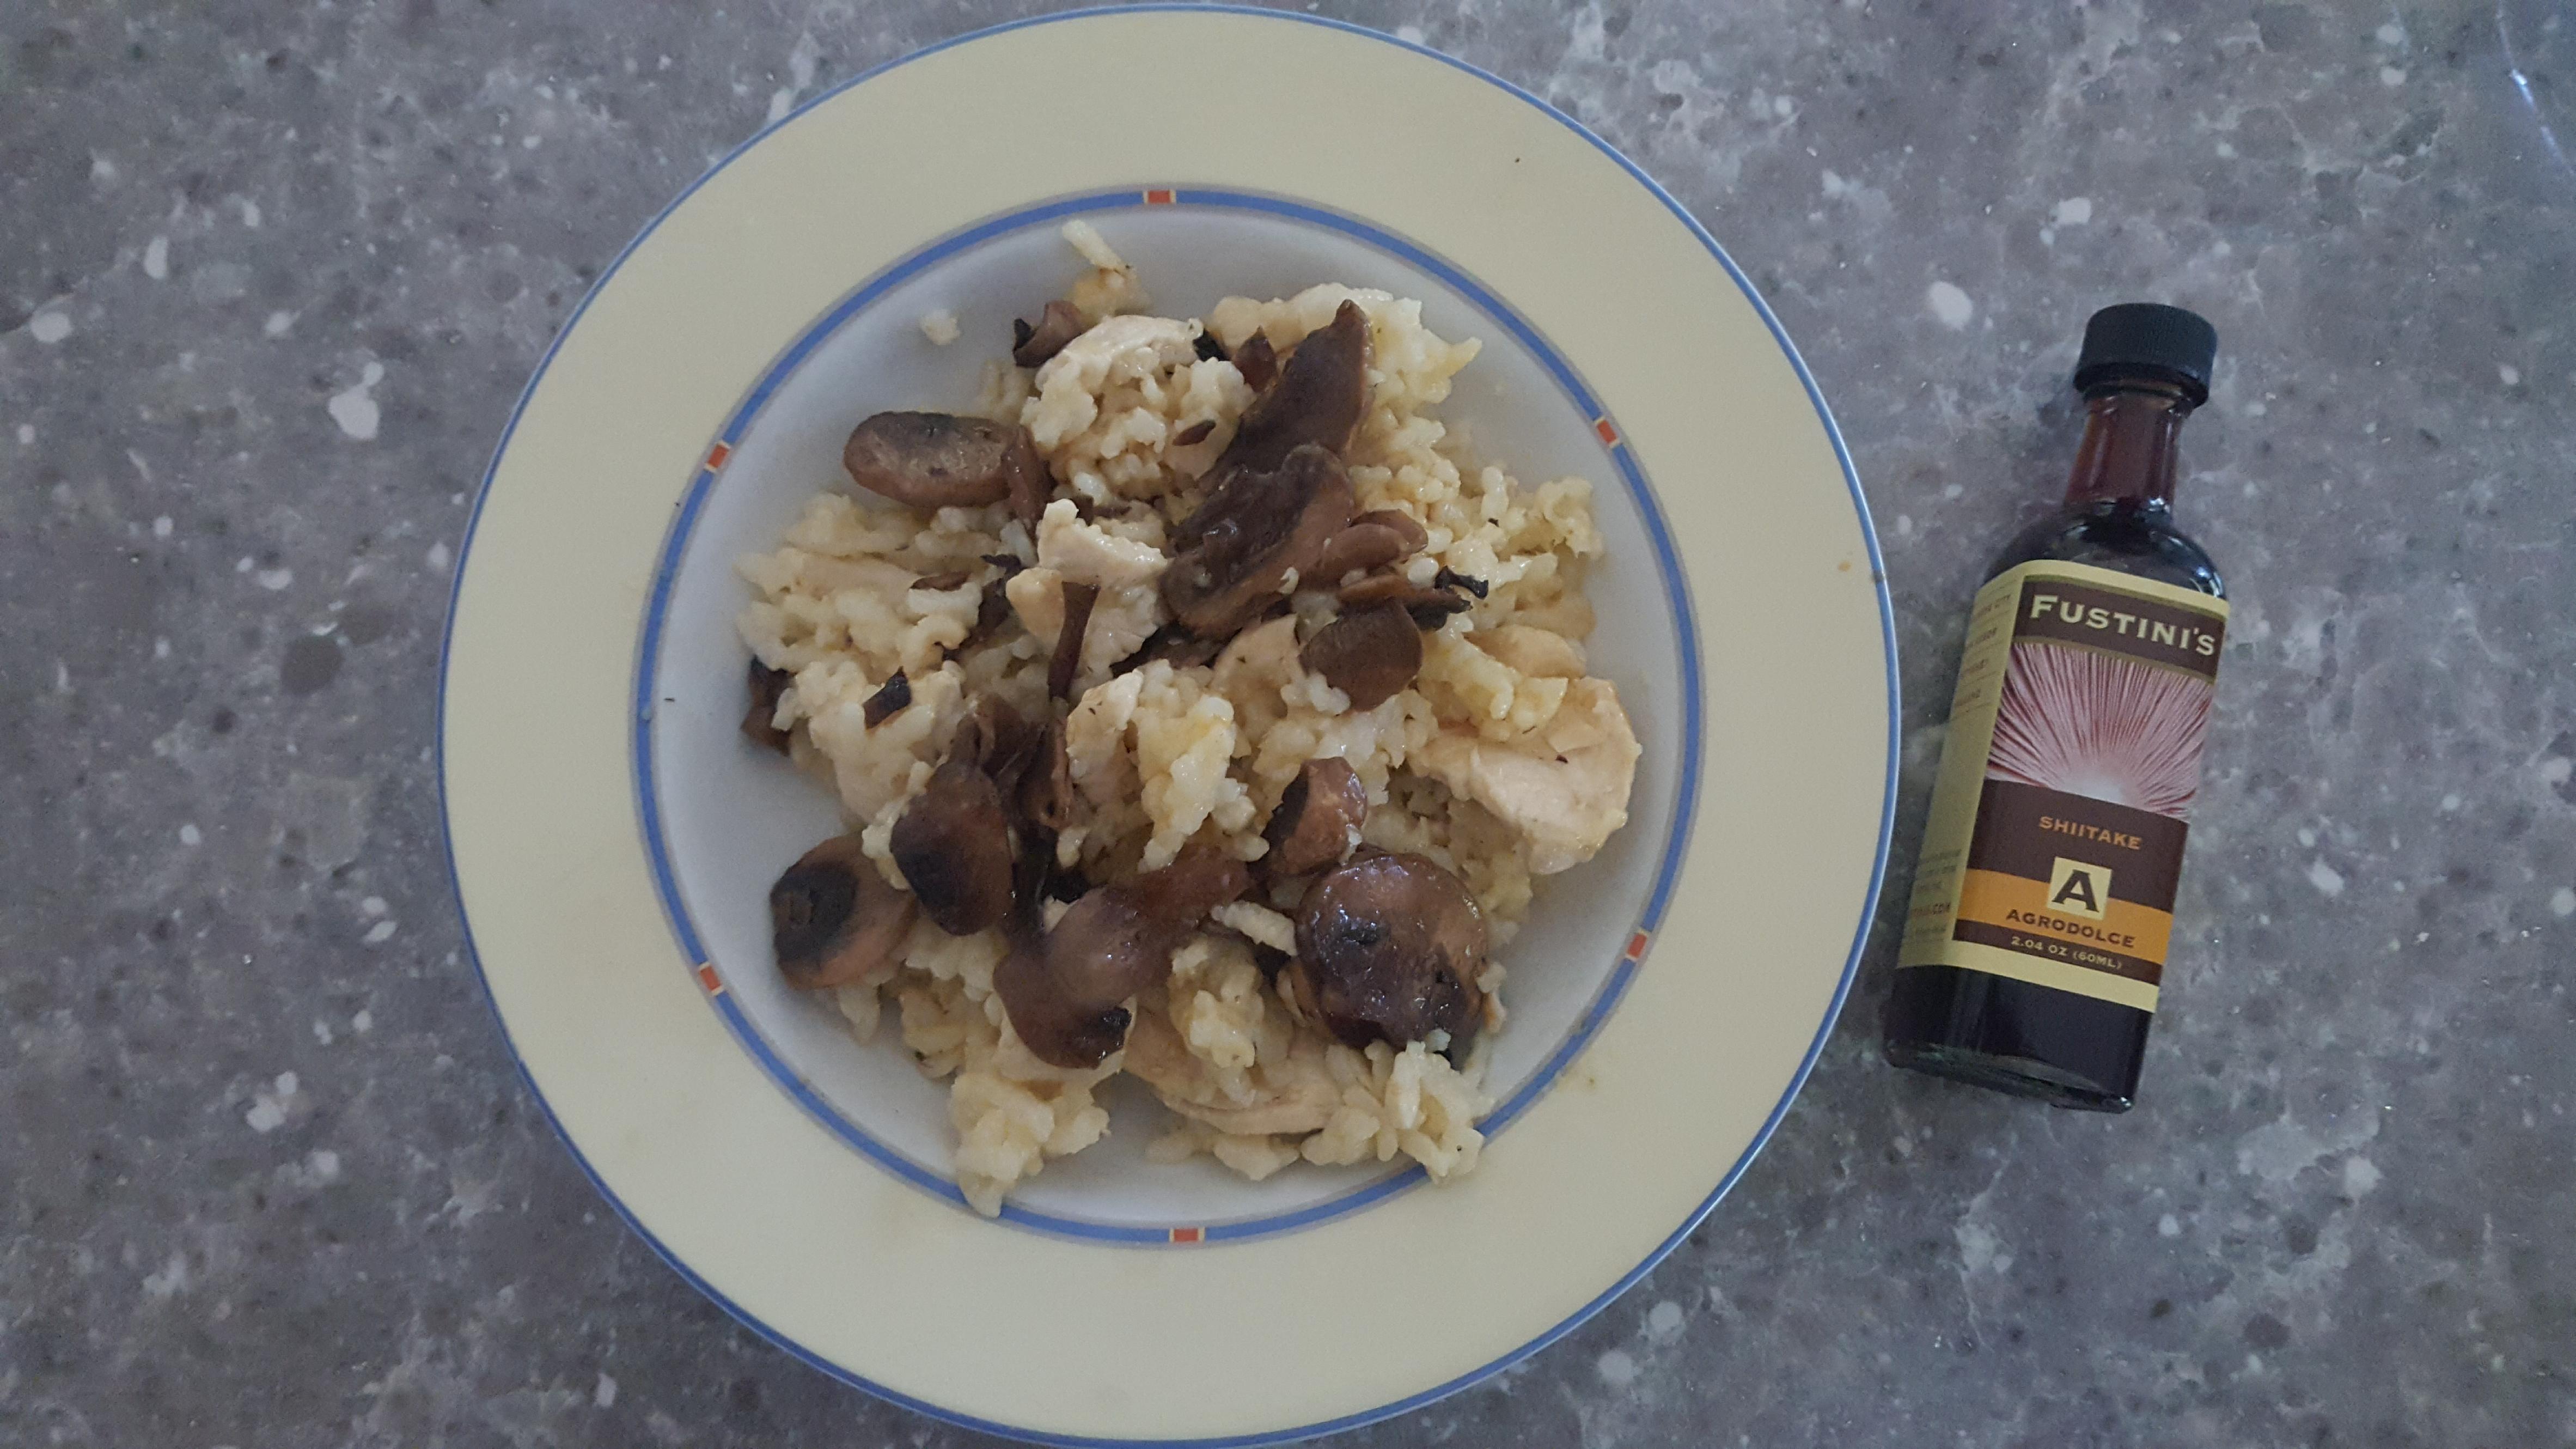 Chicken And Mushroom Risotto Recipes Fustini S Oils And Vinegars